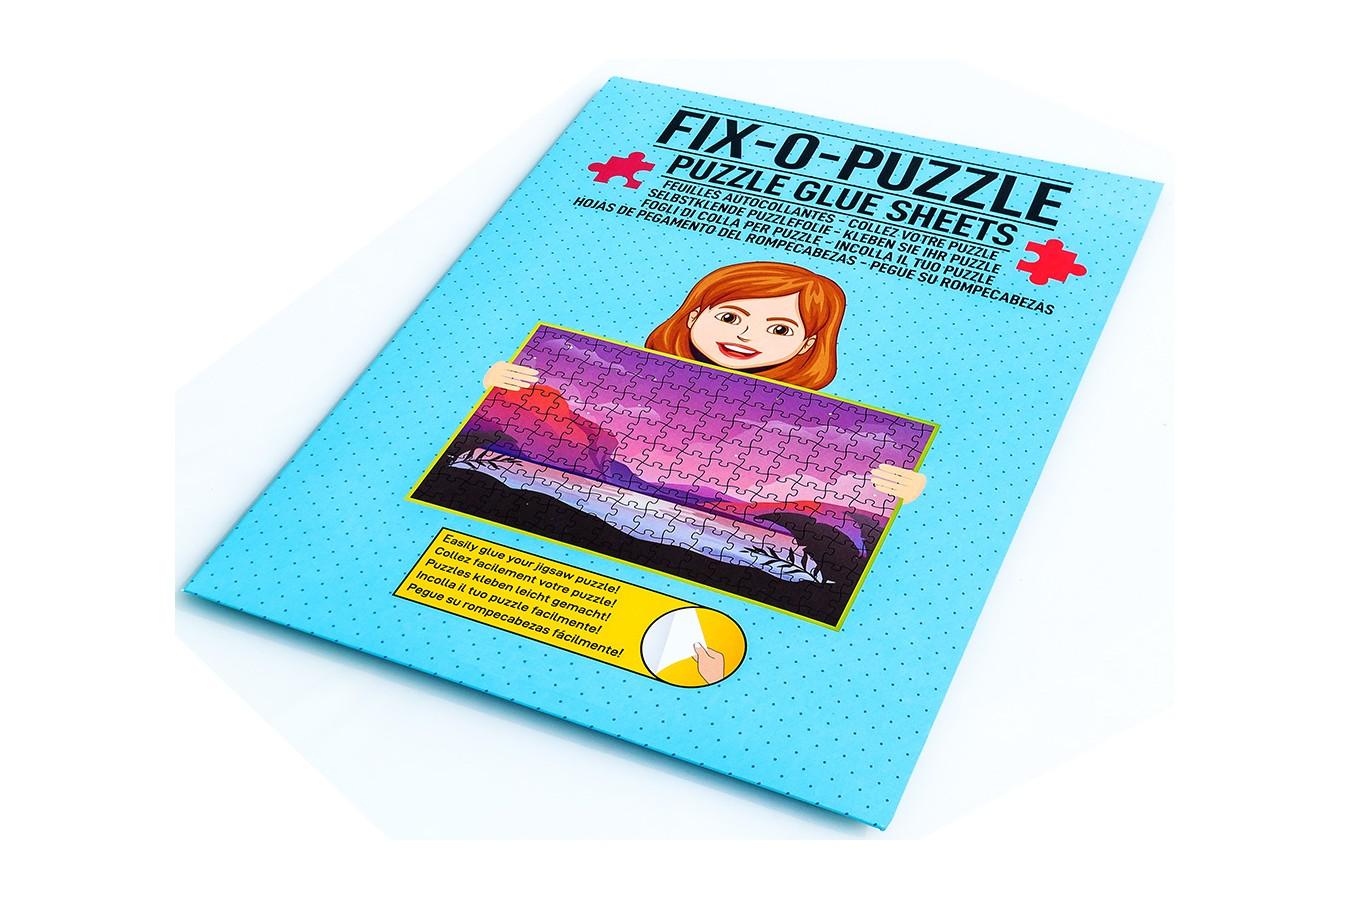 Folie pentru lipit puzzle, alba (WLP-500) imagine